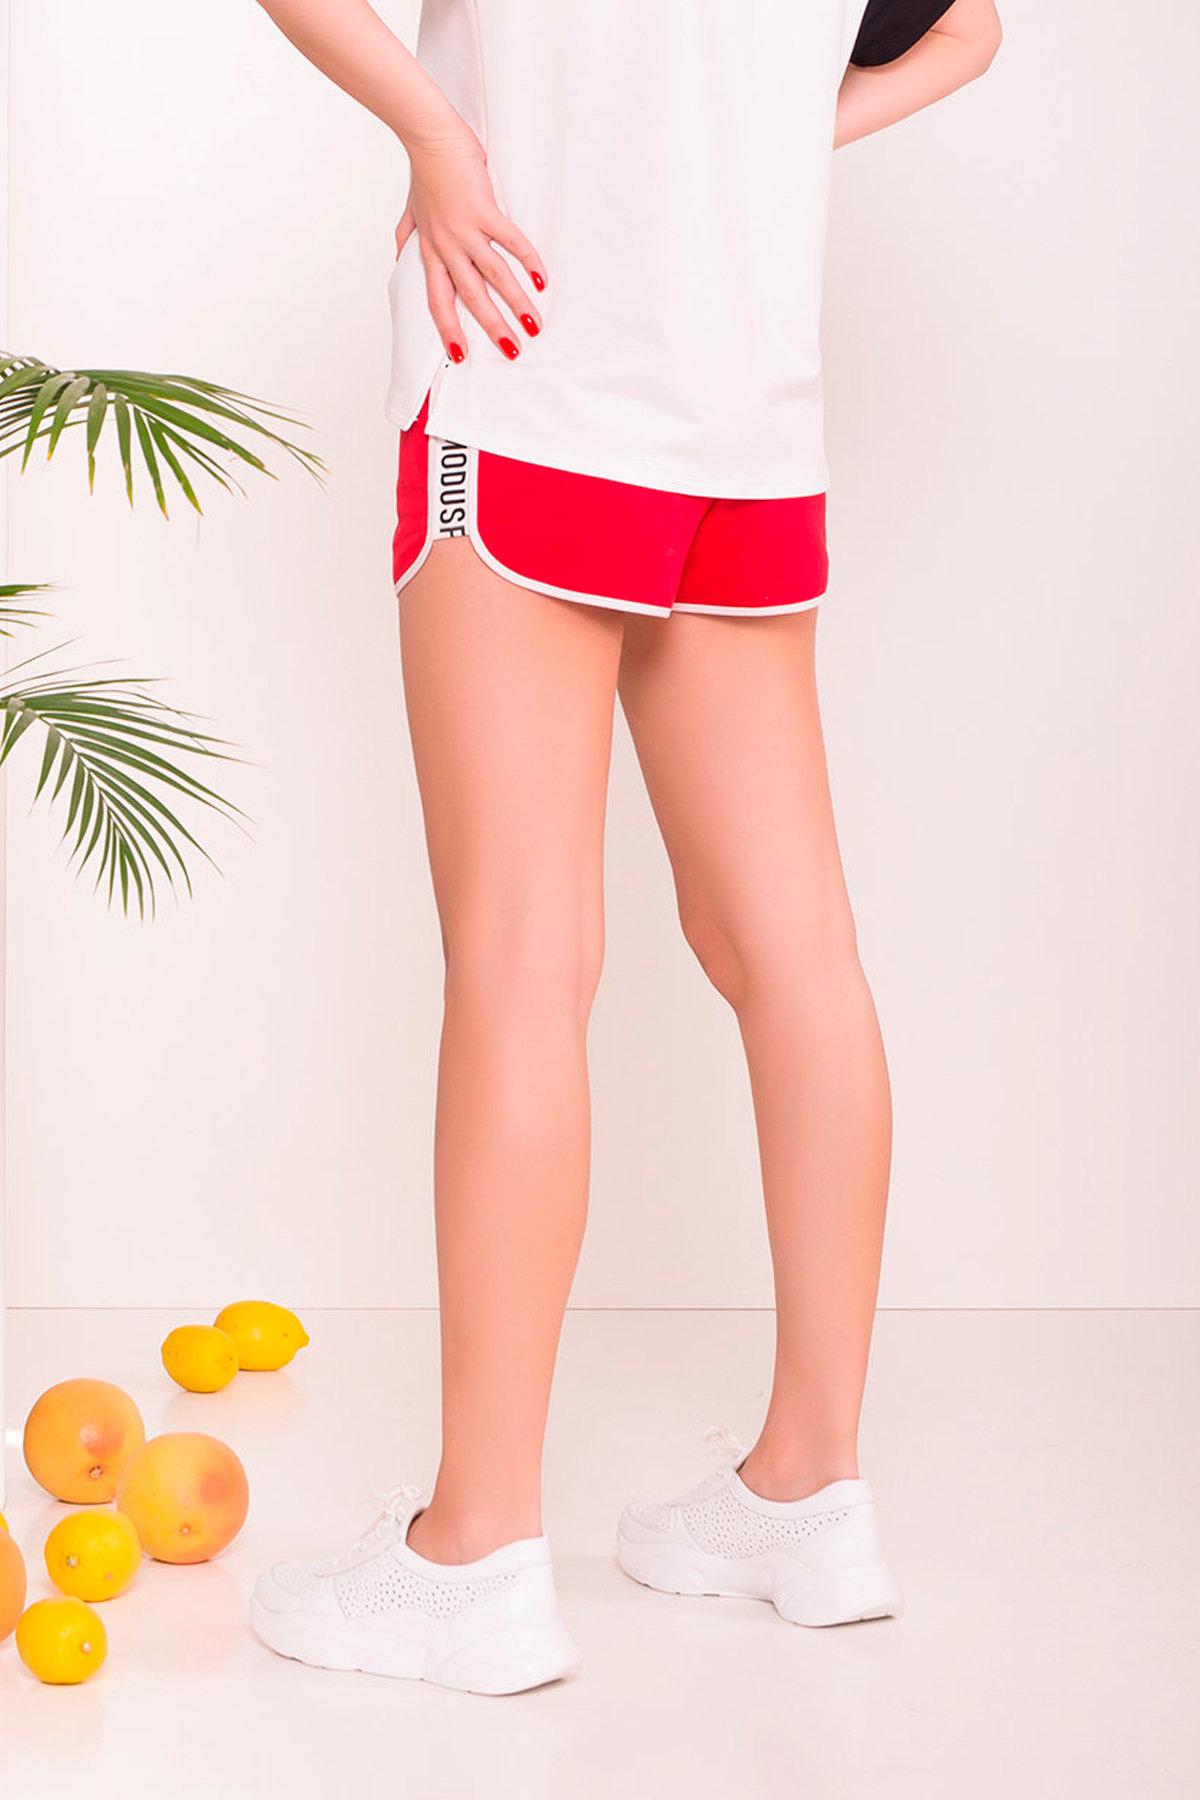 Шорты Хьюмен 9495 АРТ. 45842 Цвет: Красный/молоко/чёрный - фото 3, интернет магазин tm-modus.ru